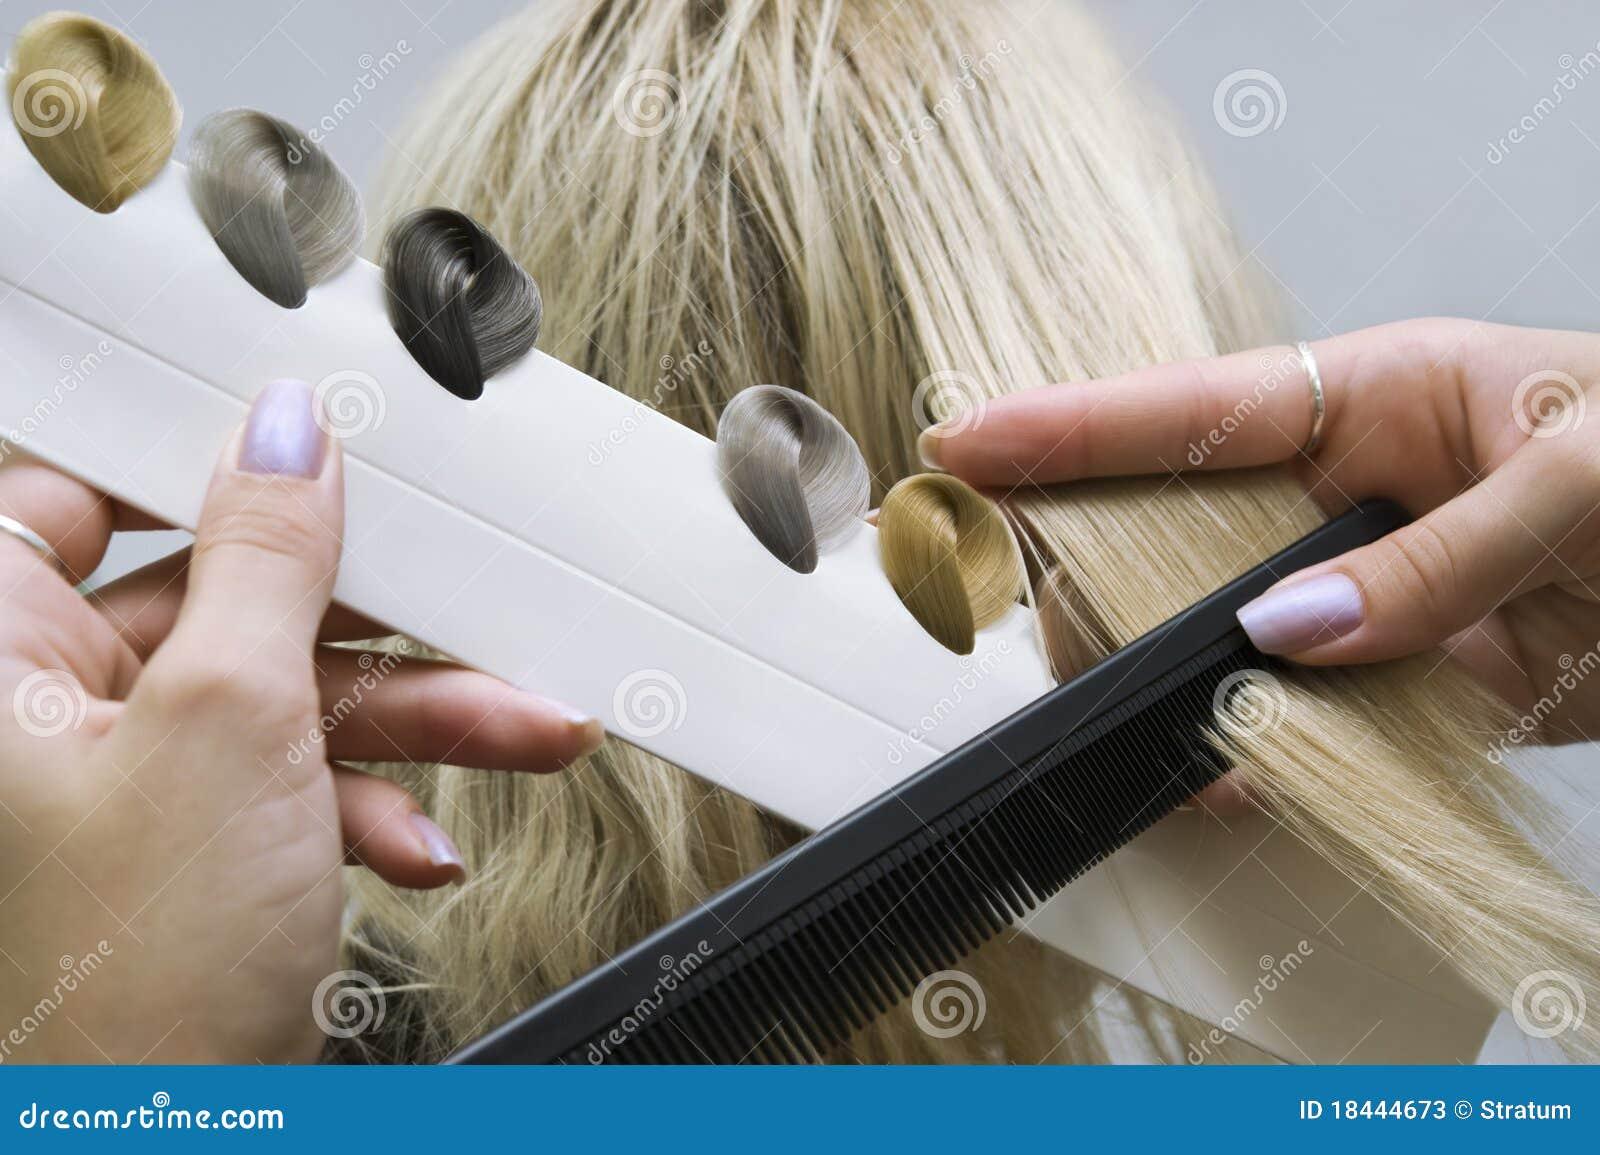 Схема окраски волос тон в тон